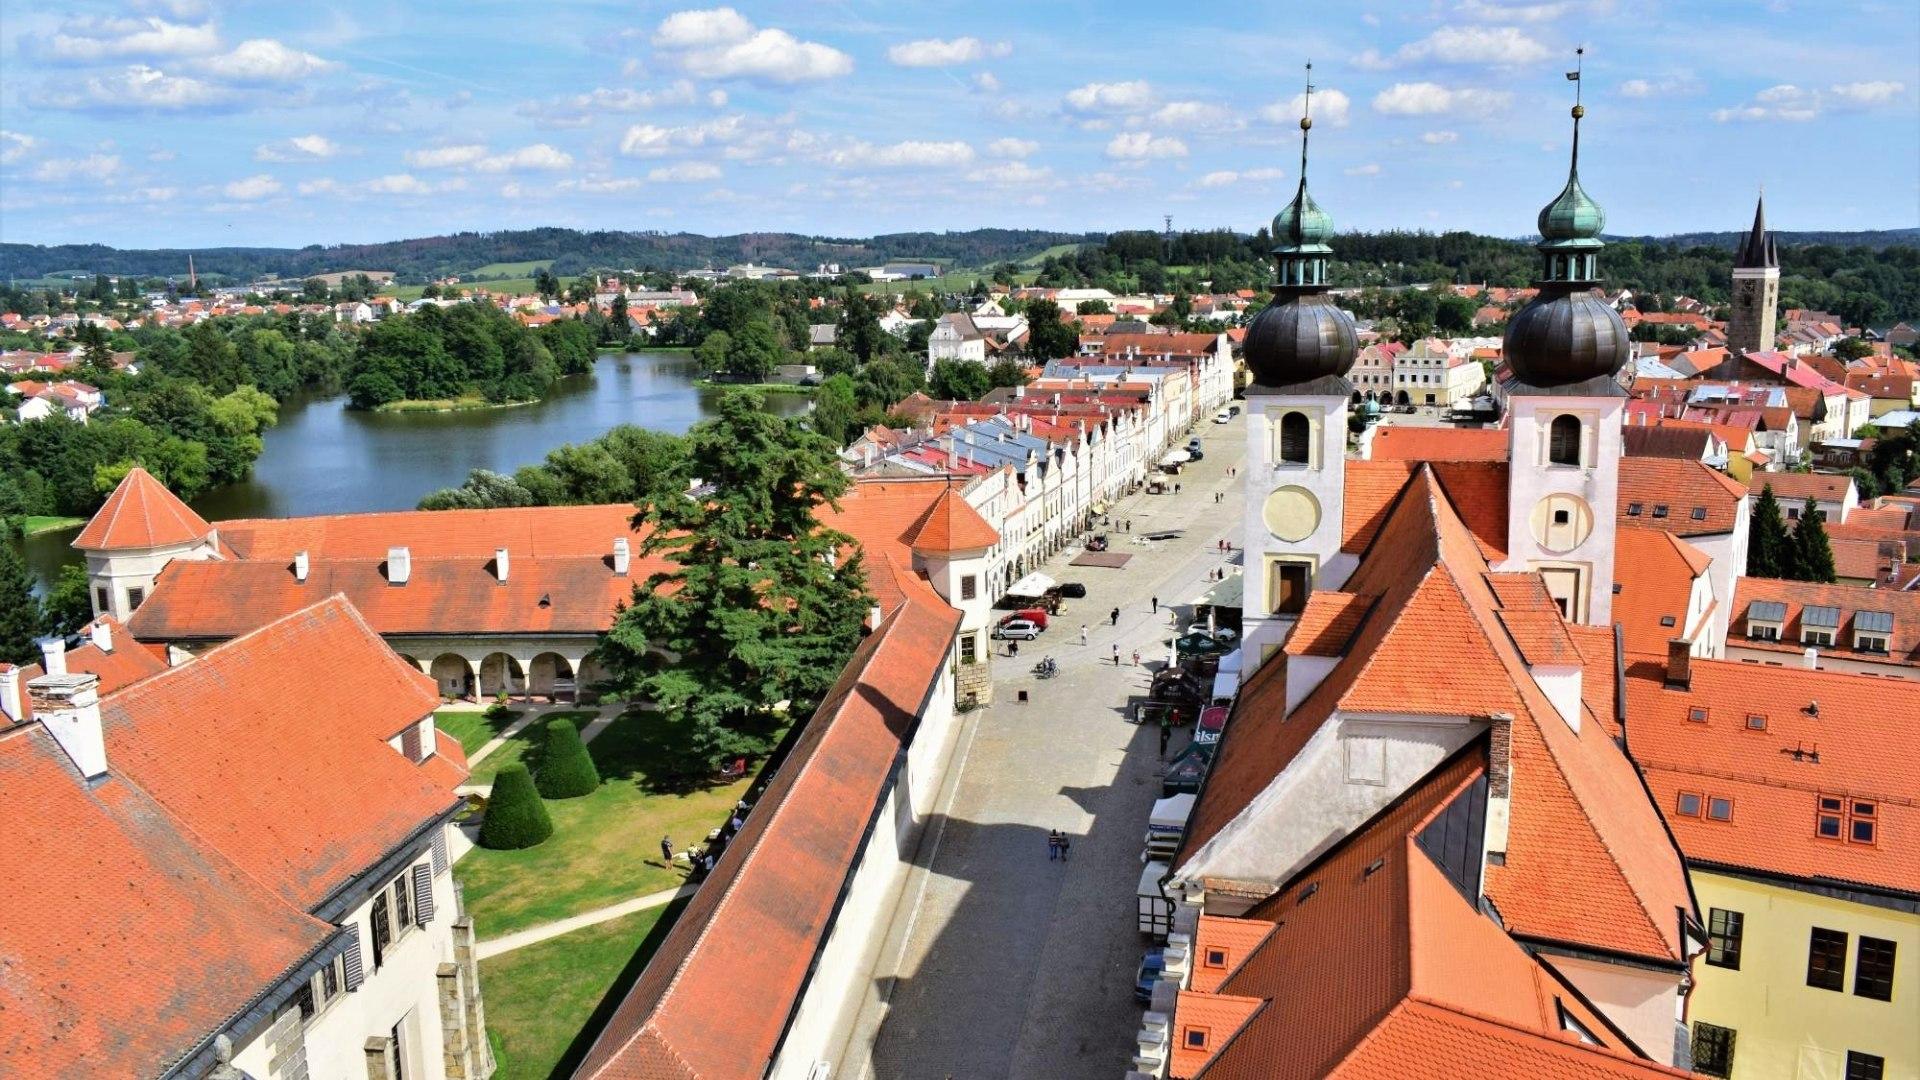 Nejkrásnější města v České republice (TOP 10) - Telč